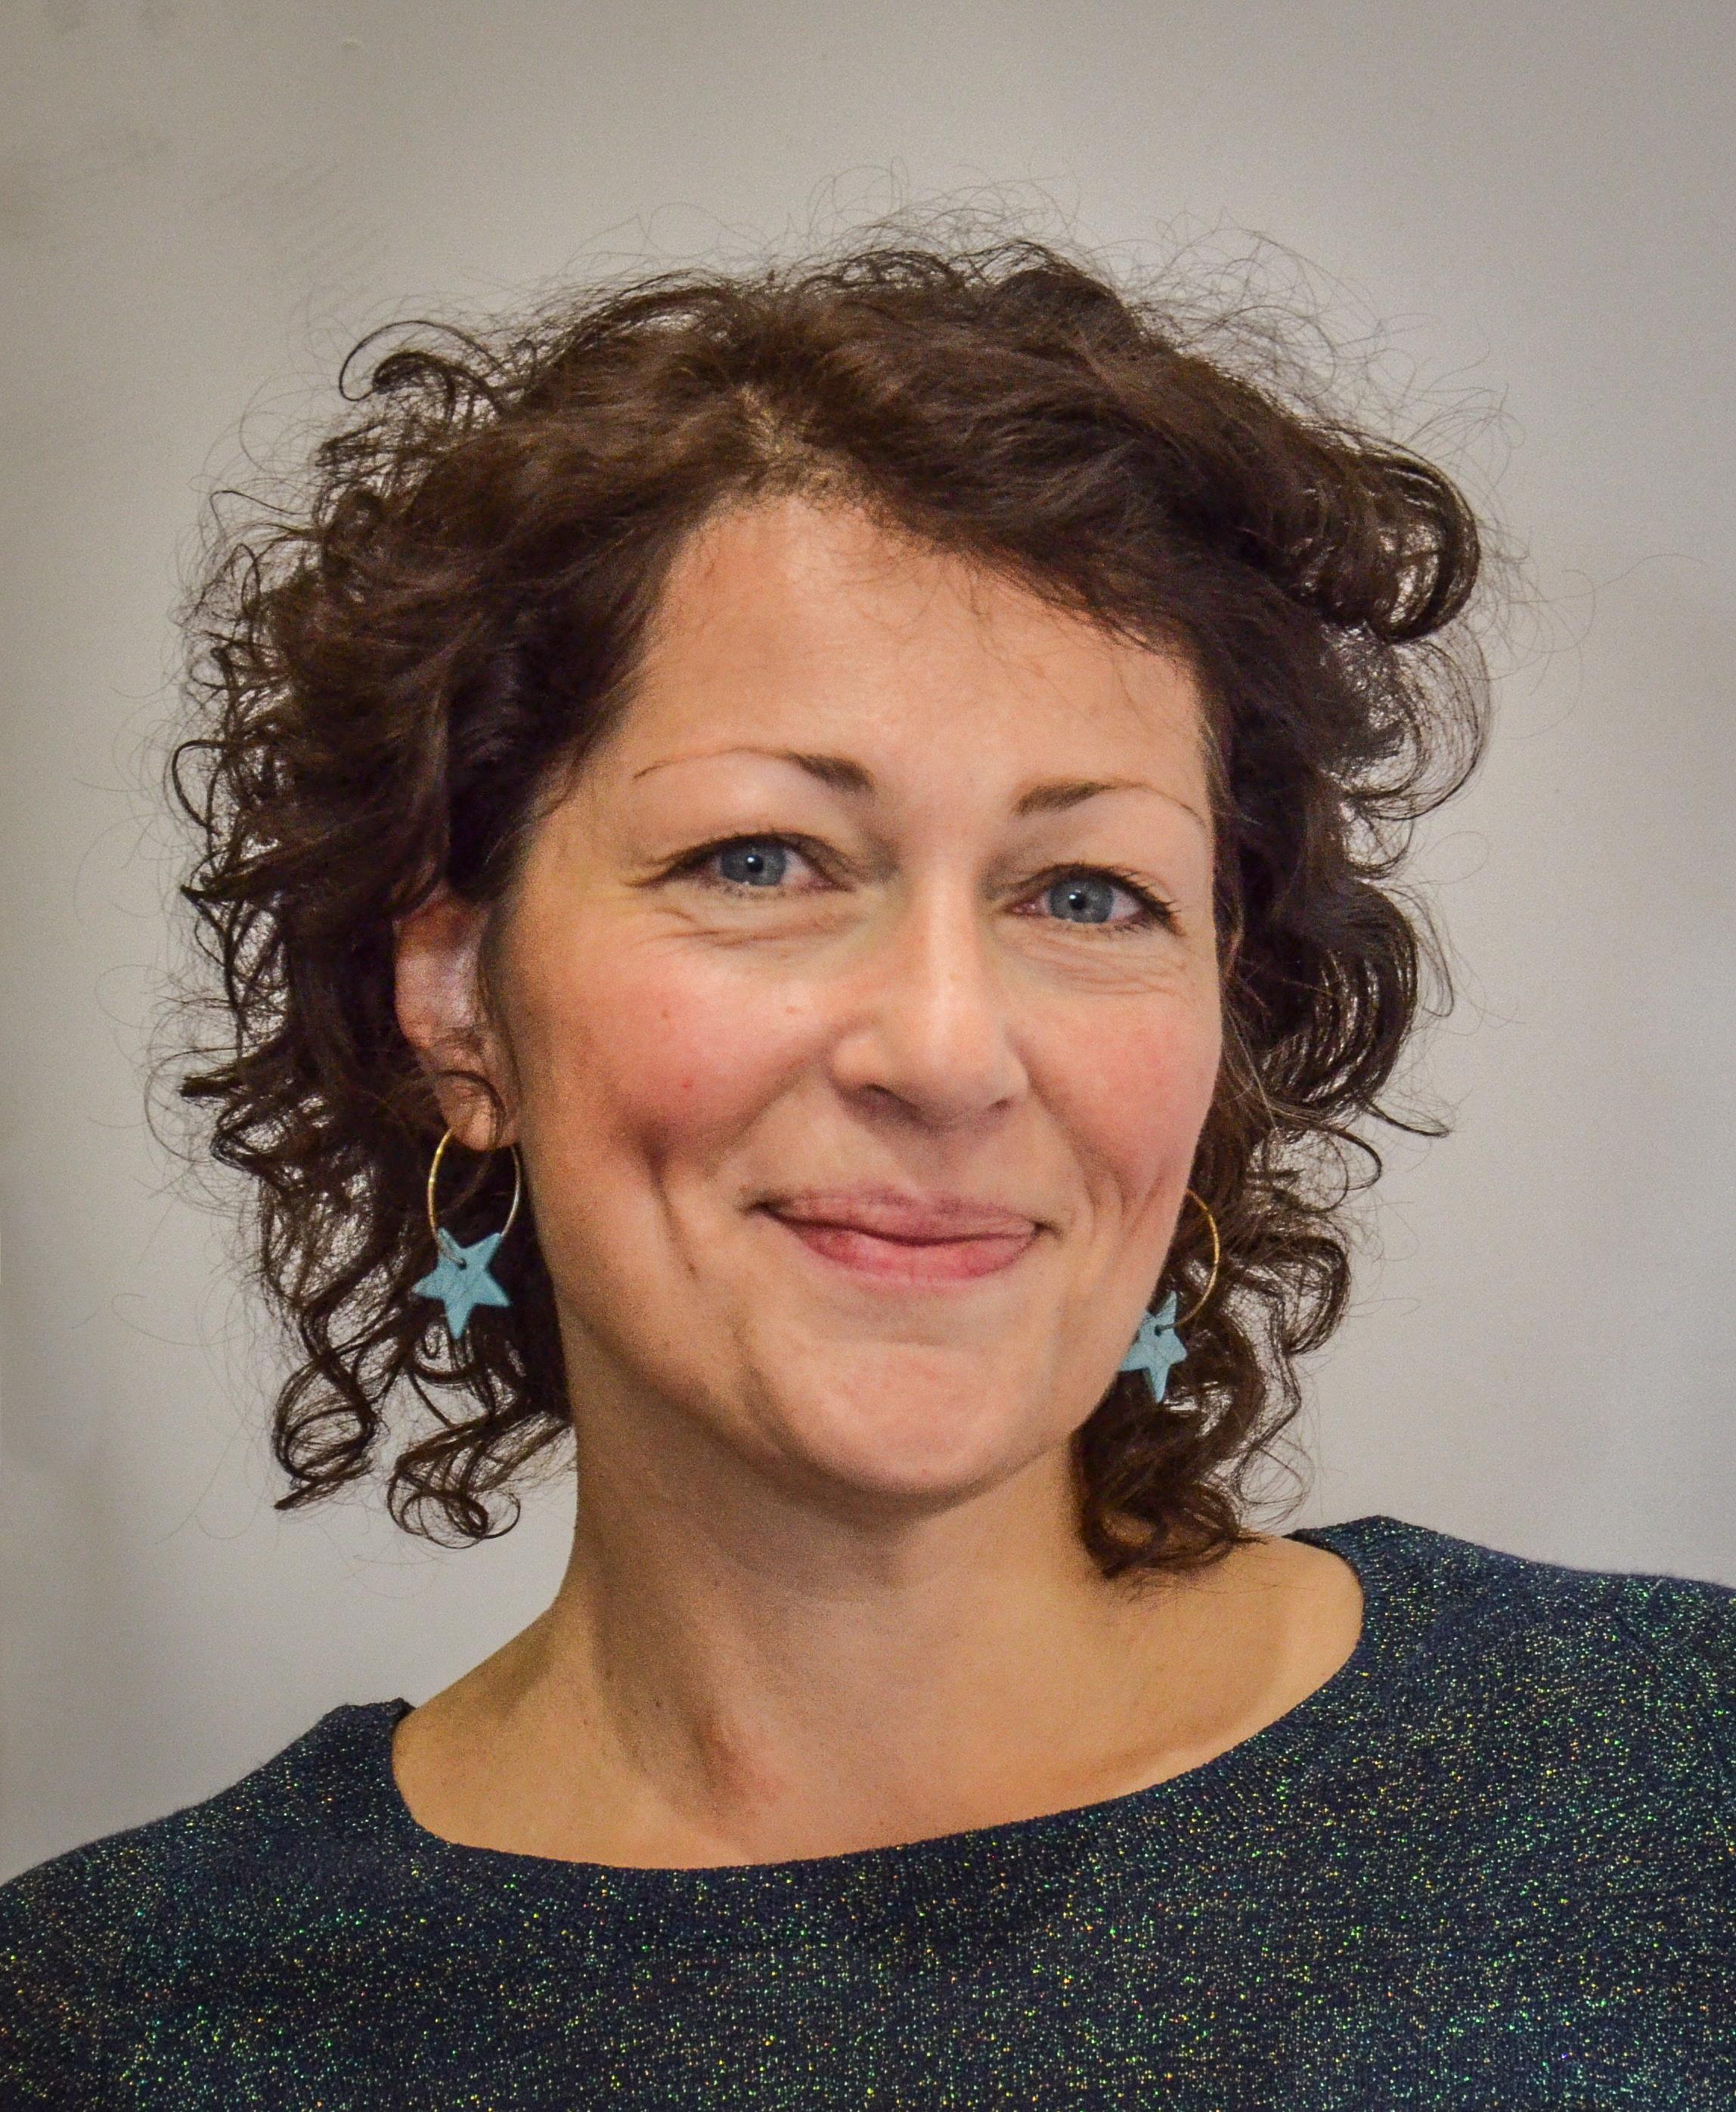 Åsbrink in 2012